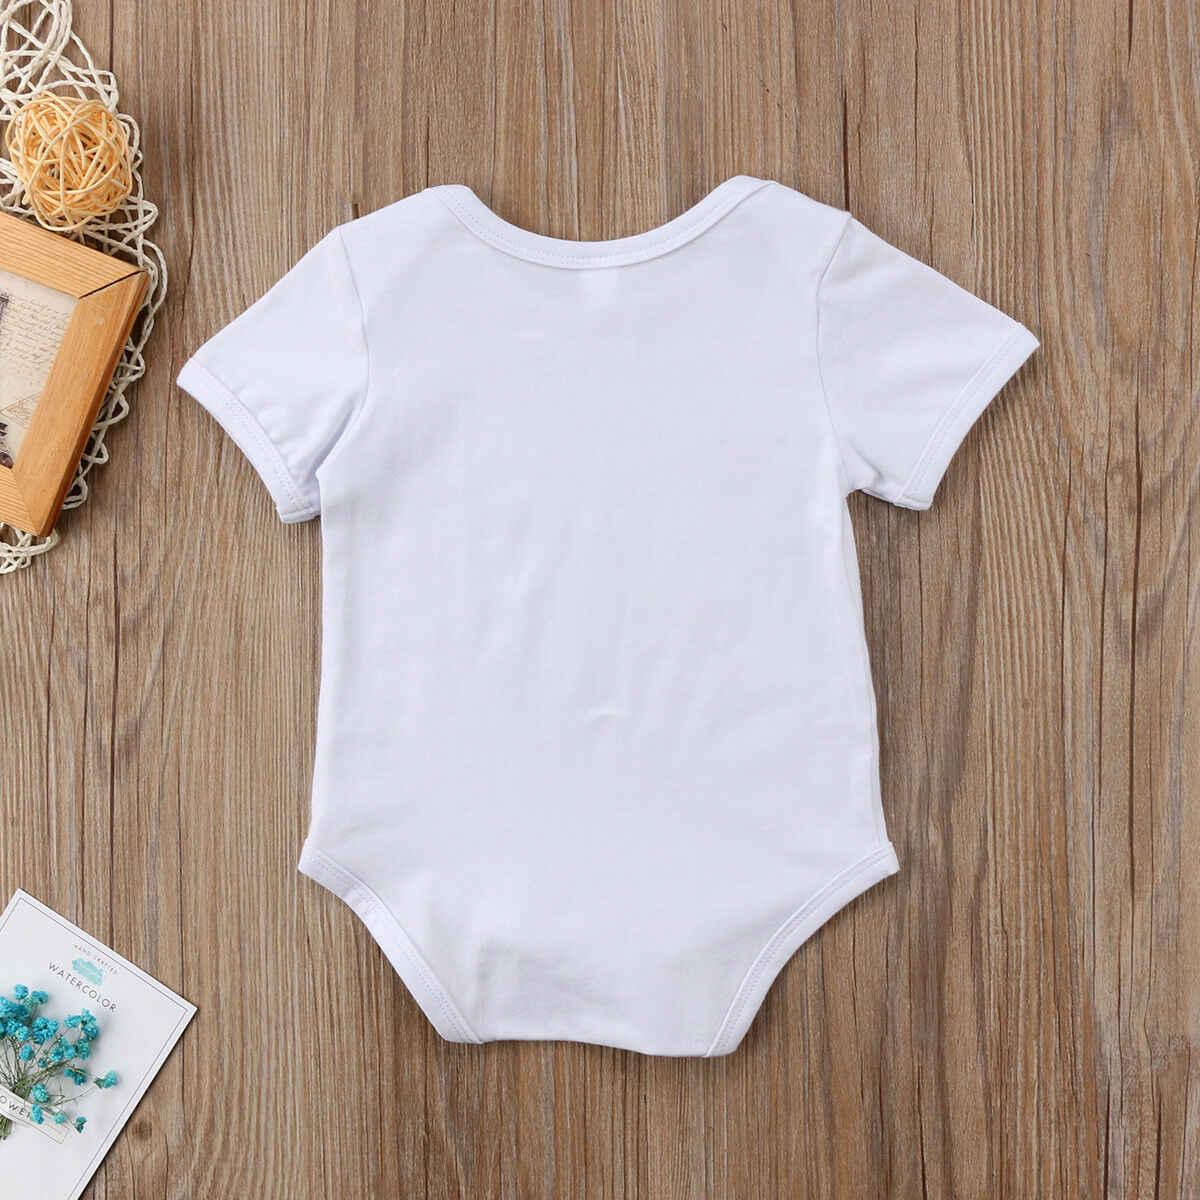 Комбинезон с короткими рукавами и рисунком супергероя для новорожденных, брендовый комбинезон с надписью для маленьких мальчиков 0-24 месяцев, Прямая поставка